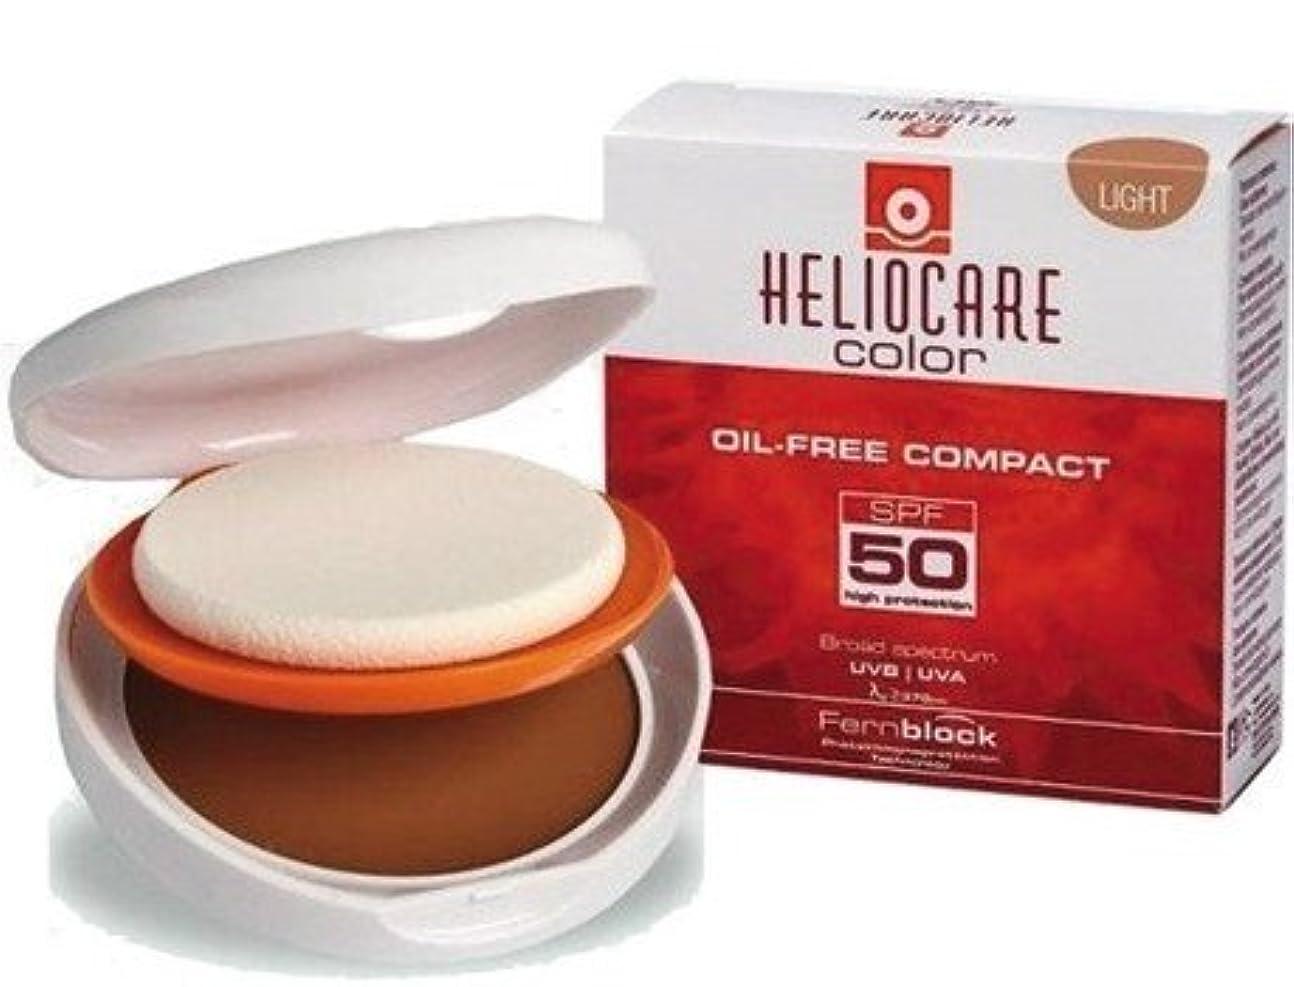 ヤギ近々暖かさヘリオケア カラーオイル フリーコンパクト SPF50 ライト HELIOCARE COLOR OIL FREE COMPACT SPF50 LIGHT